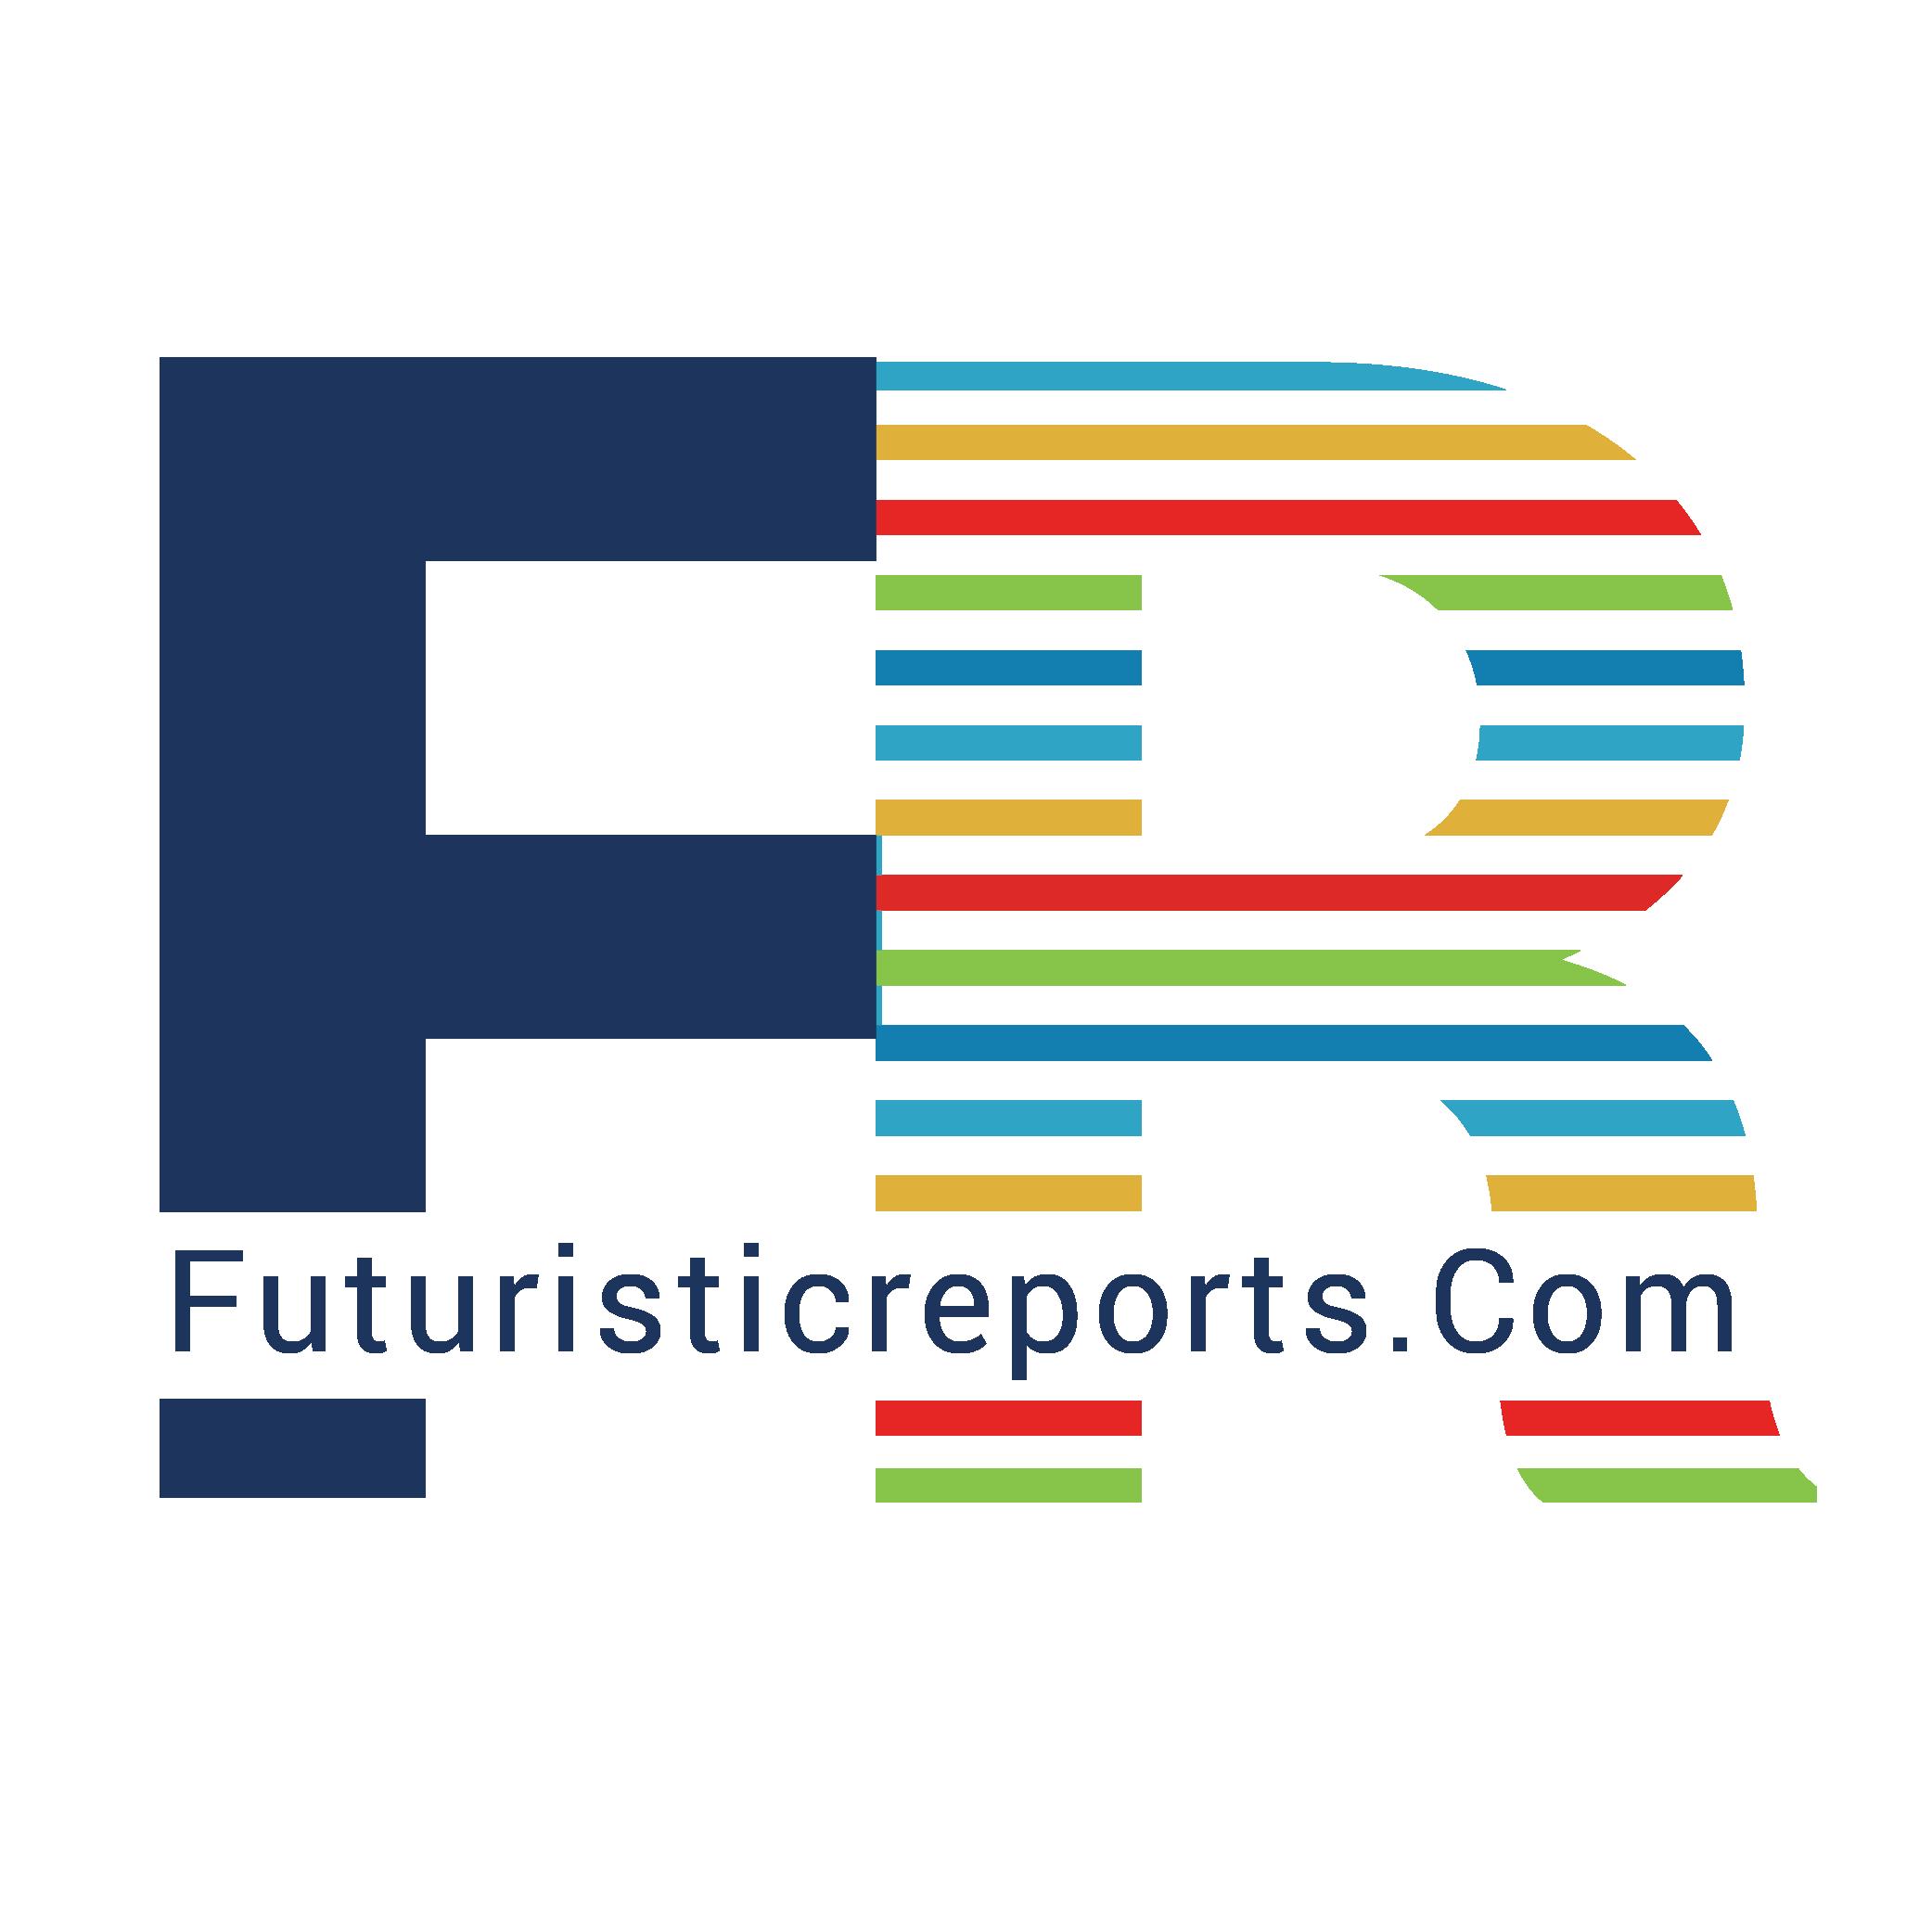 Futuristic Reports